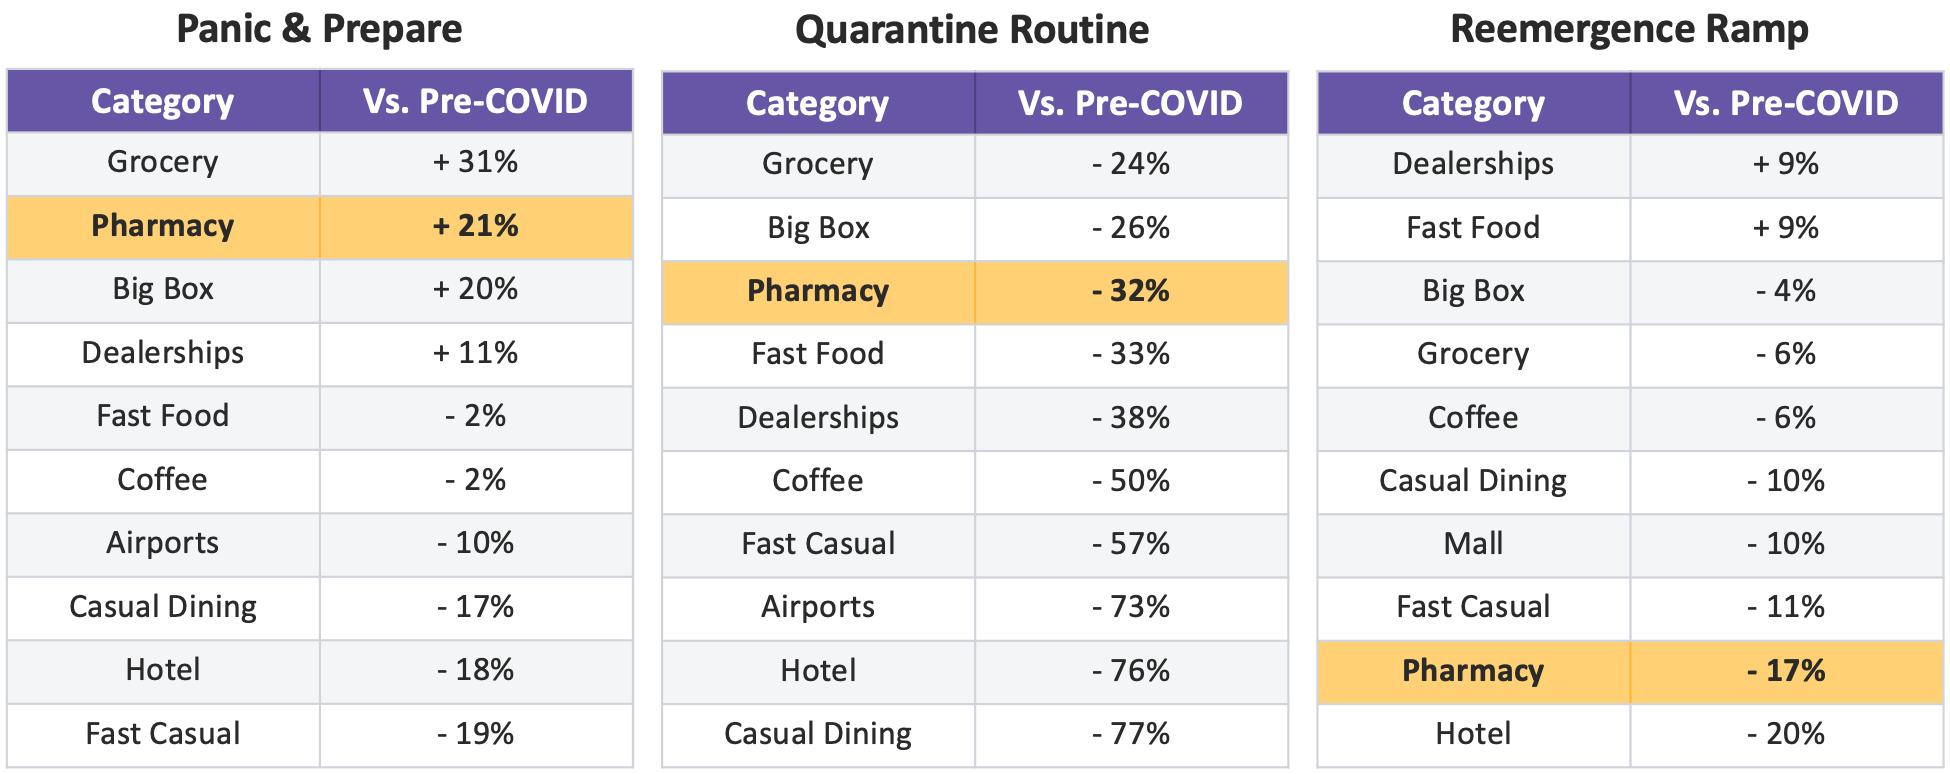 CHARTS: Panic & Prepare, Quarantine Routine, Reemergence Ramp